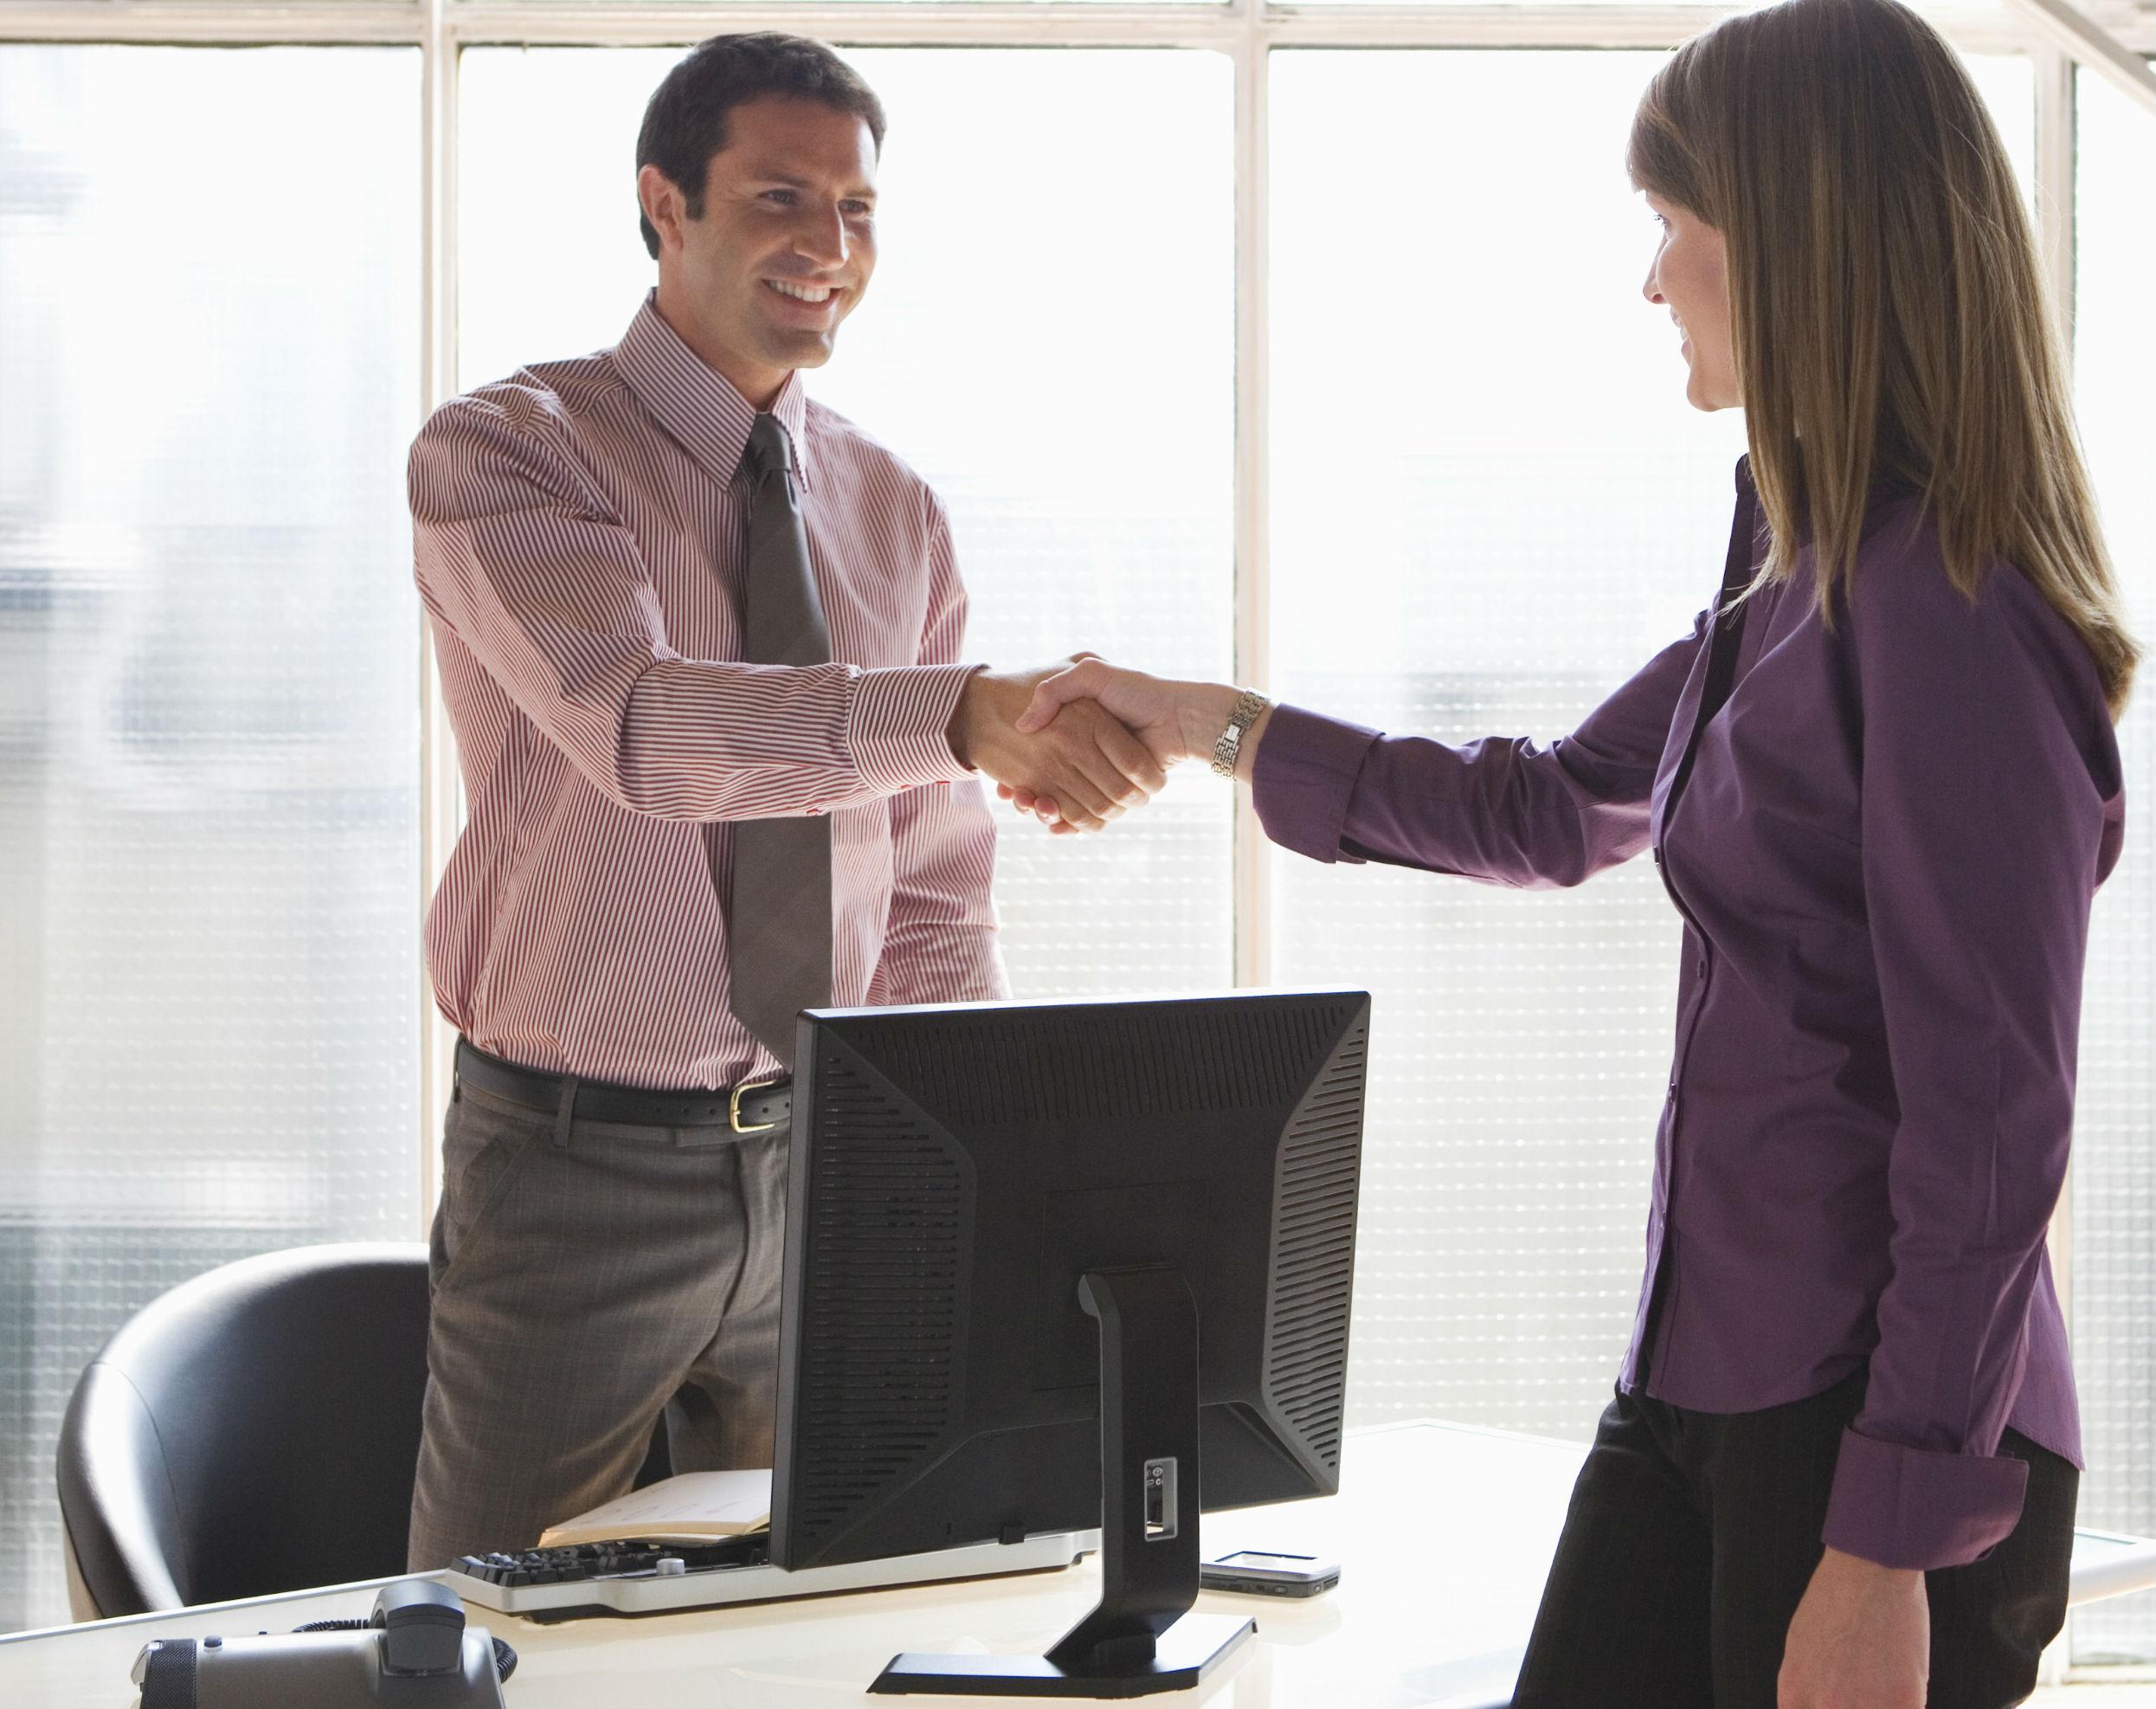 conviene calibrar bien las respuestas en una entrevista de trabajo